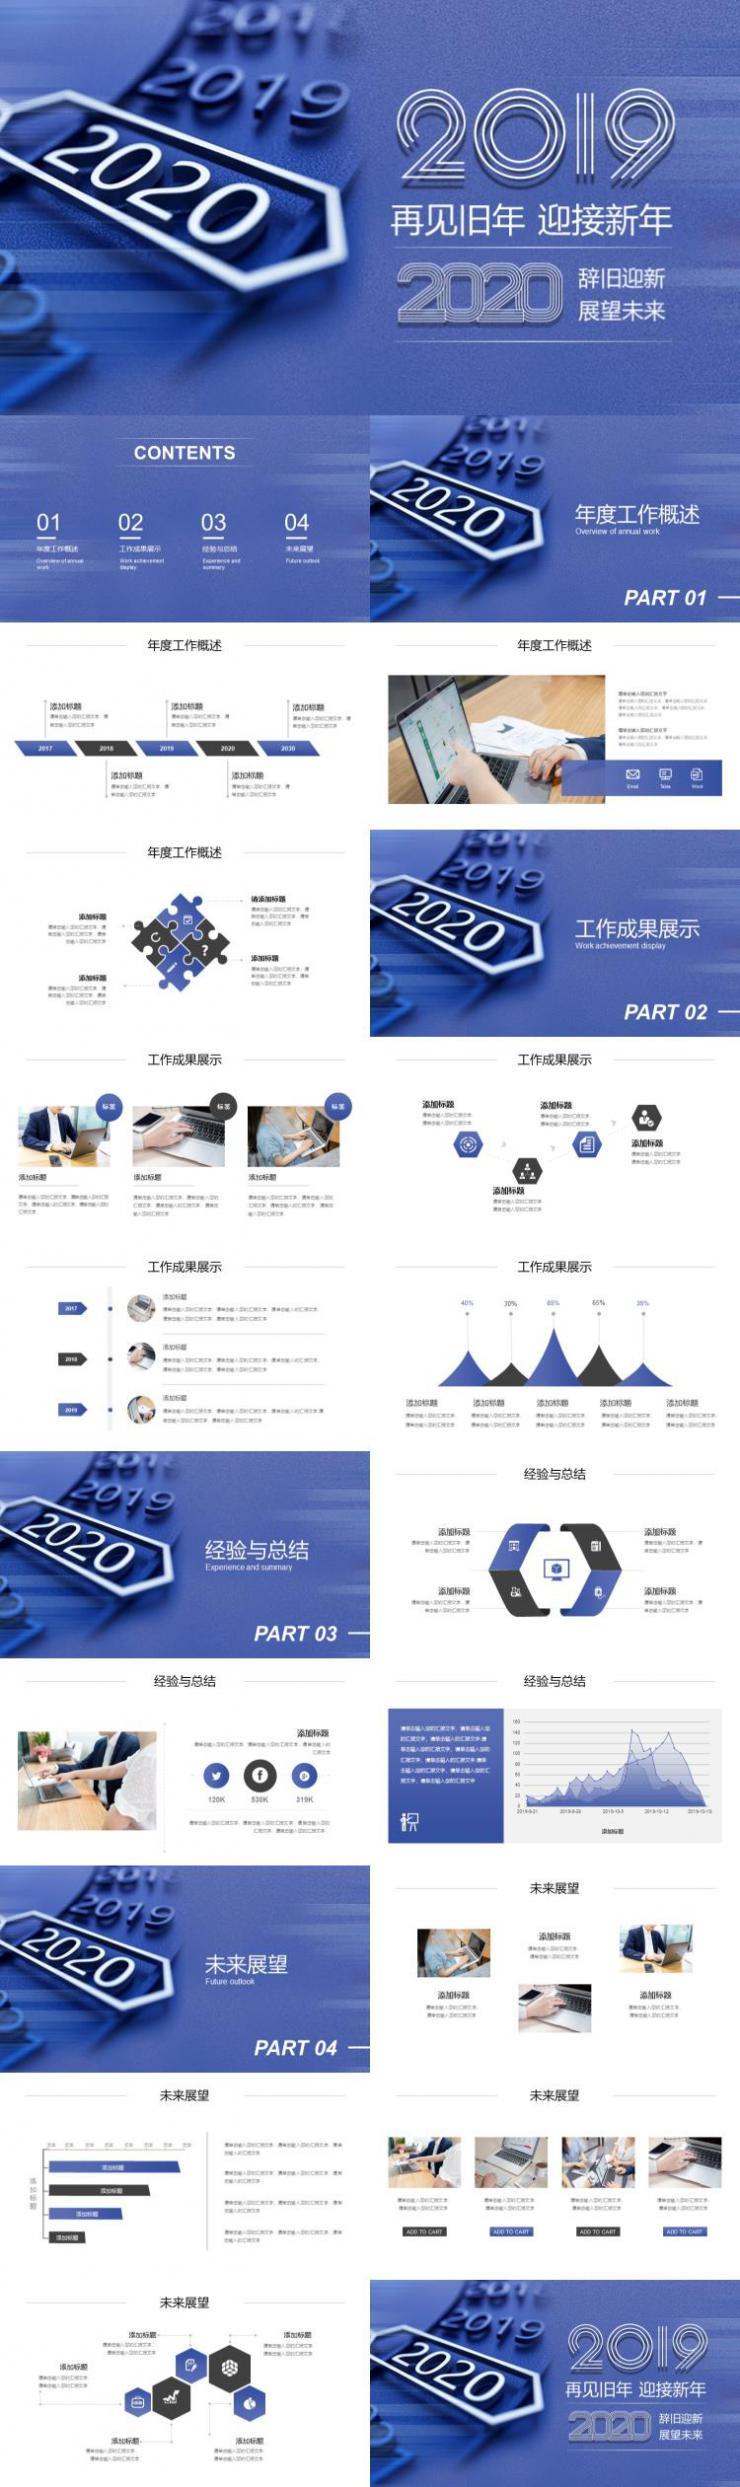 经典蓝迎接新年2020展望未来PPT模板